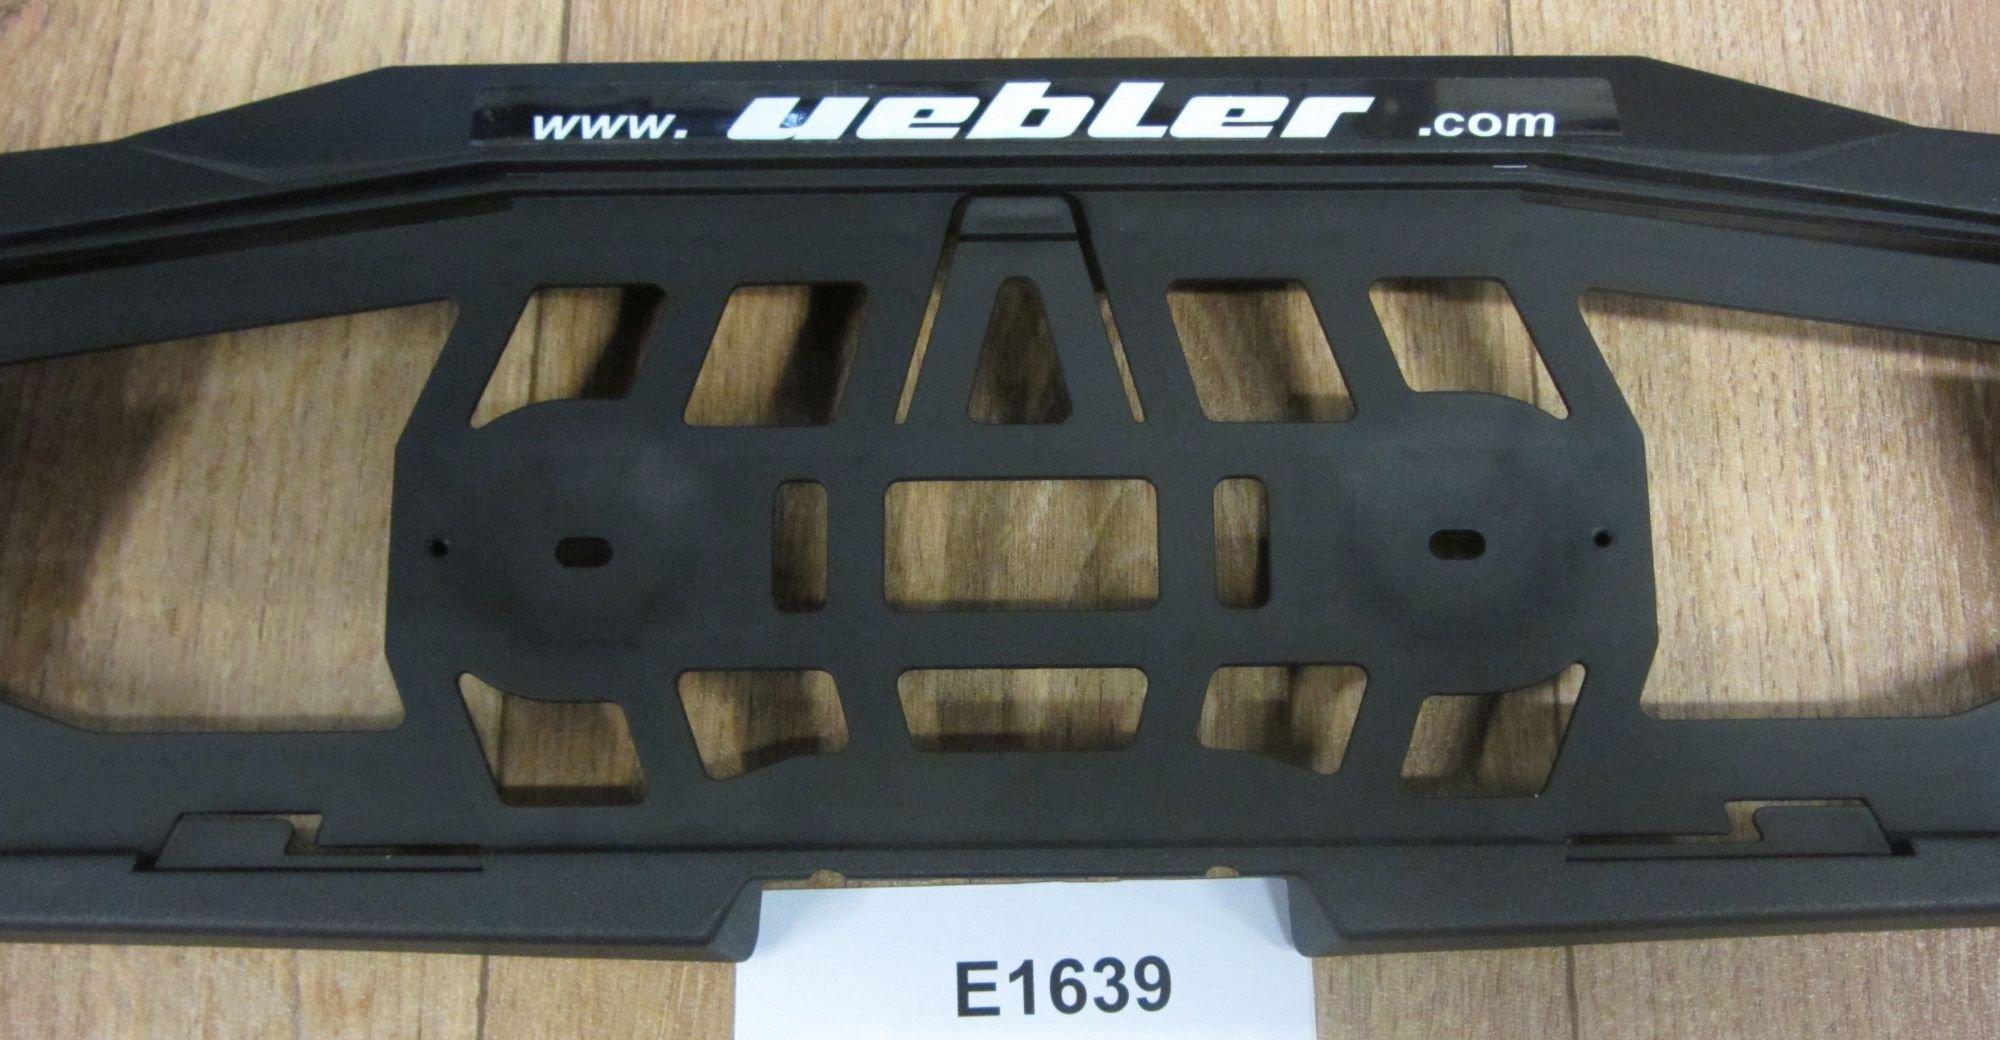 fahrradträgerzubehör: Uebler  Kennzeichenträger E1639